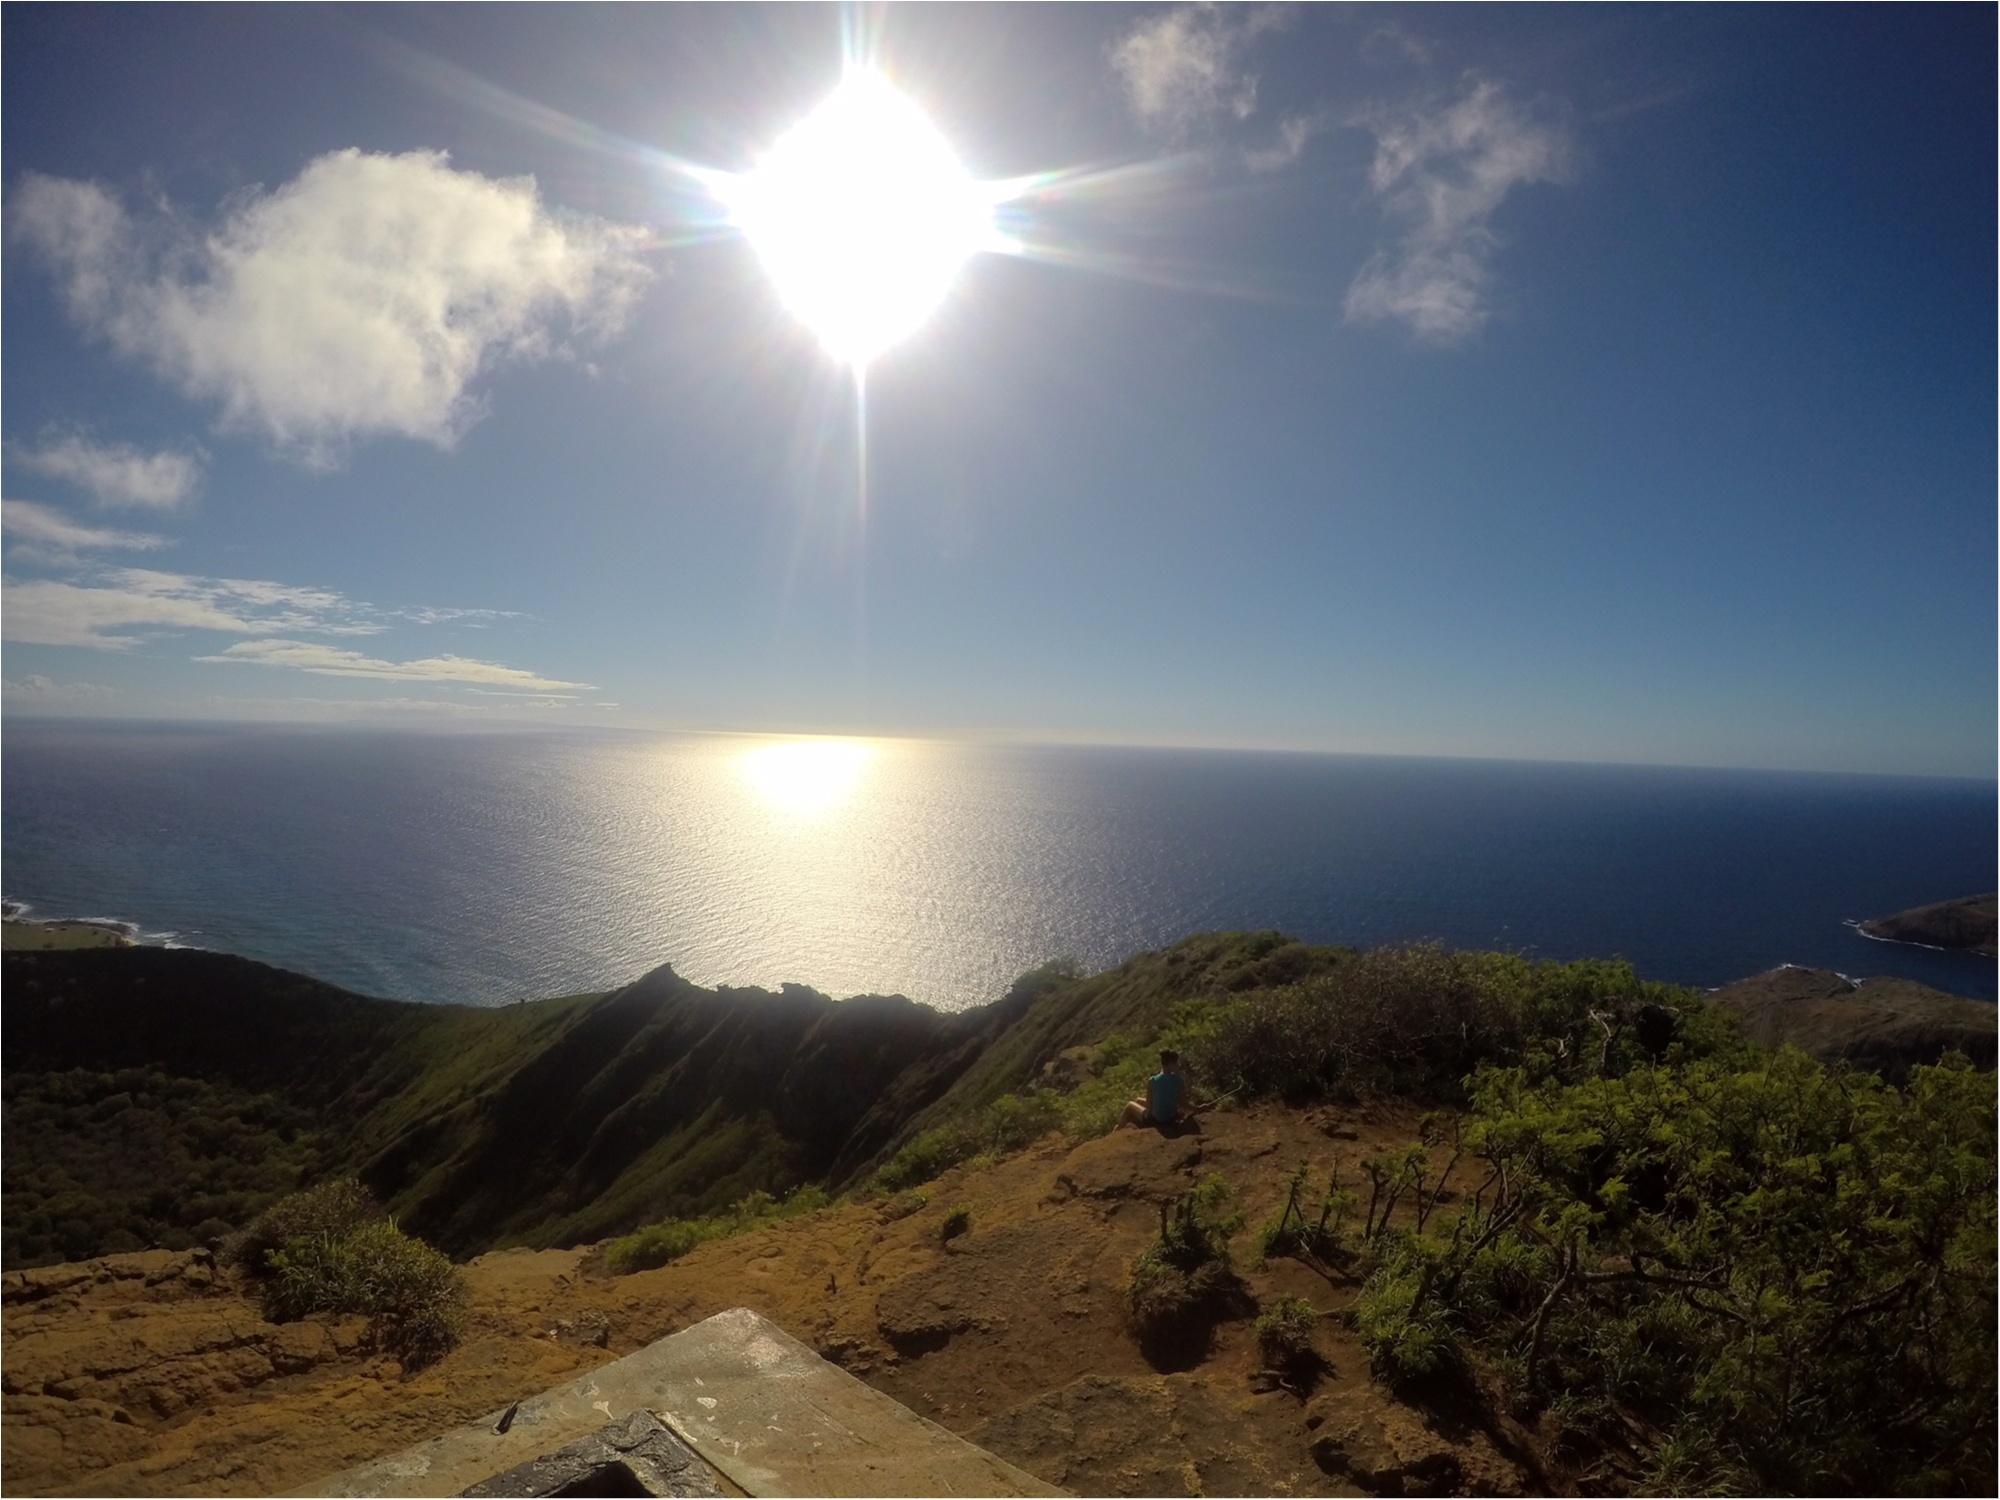 【ハワイ旅①】ダイヤモンドヘッドだけじゃない、ハワイのハイキング!キツい分それ以上の景色と感動が待っていました♡♡♡_6